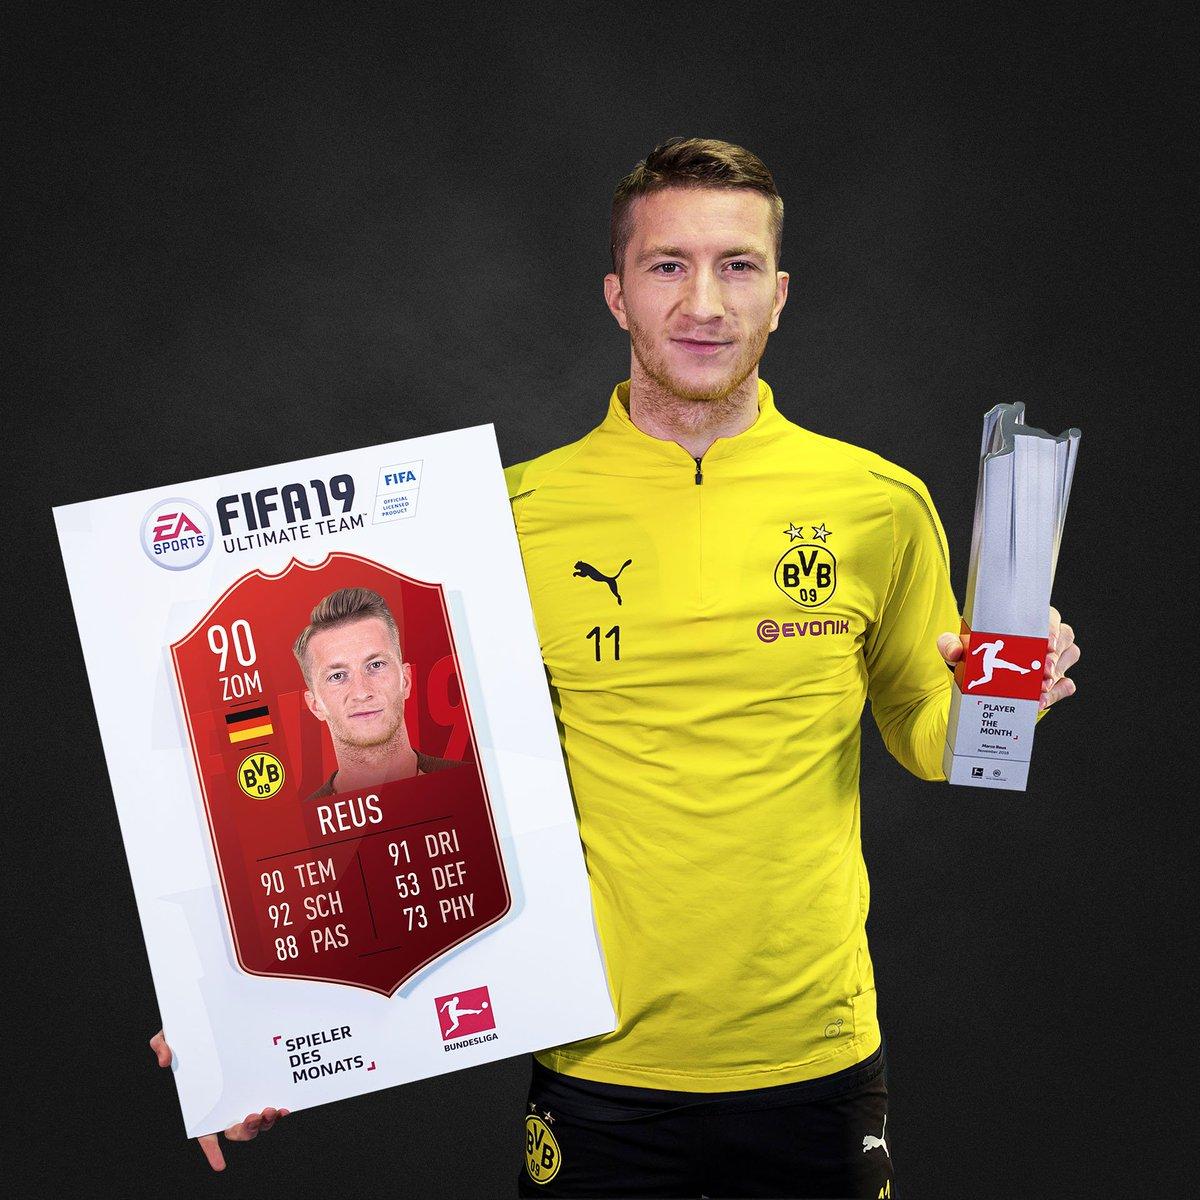 Der #BundesligaPOTM November steht fest. Es ist zum zweiten Mal @woodyinho 🏆🏆! Herzlichen Glückwunsch! 🎉 #FUT #POTM #FIFA19 @Bundesliga_DE @BVB